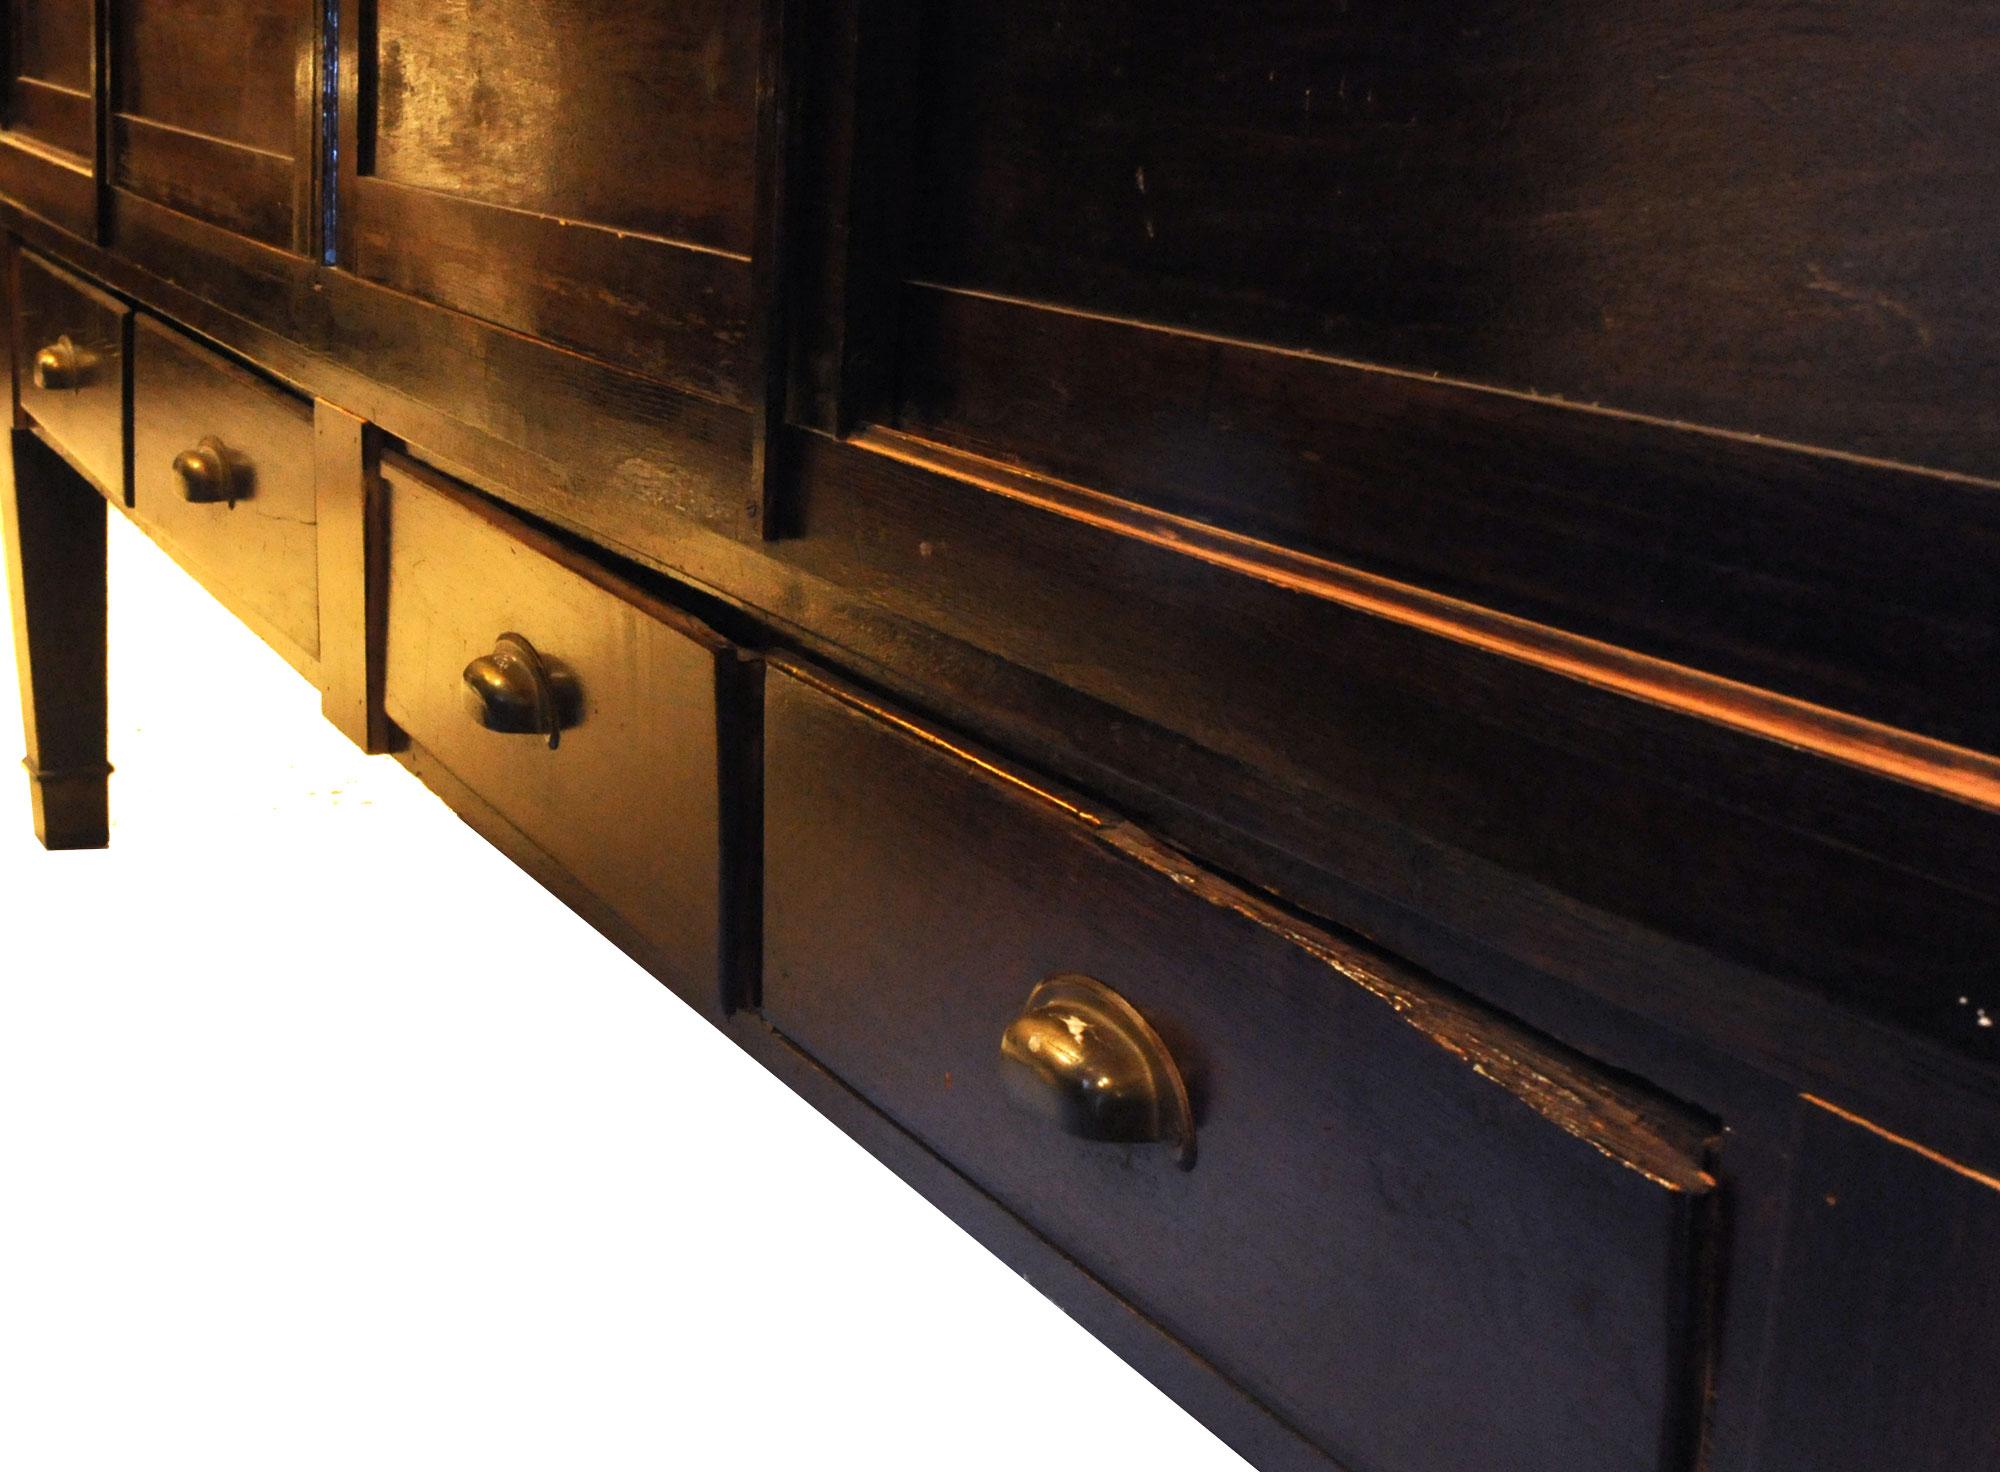 46838-oak-display-cabinet-drawers.jpg